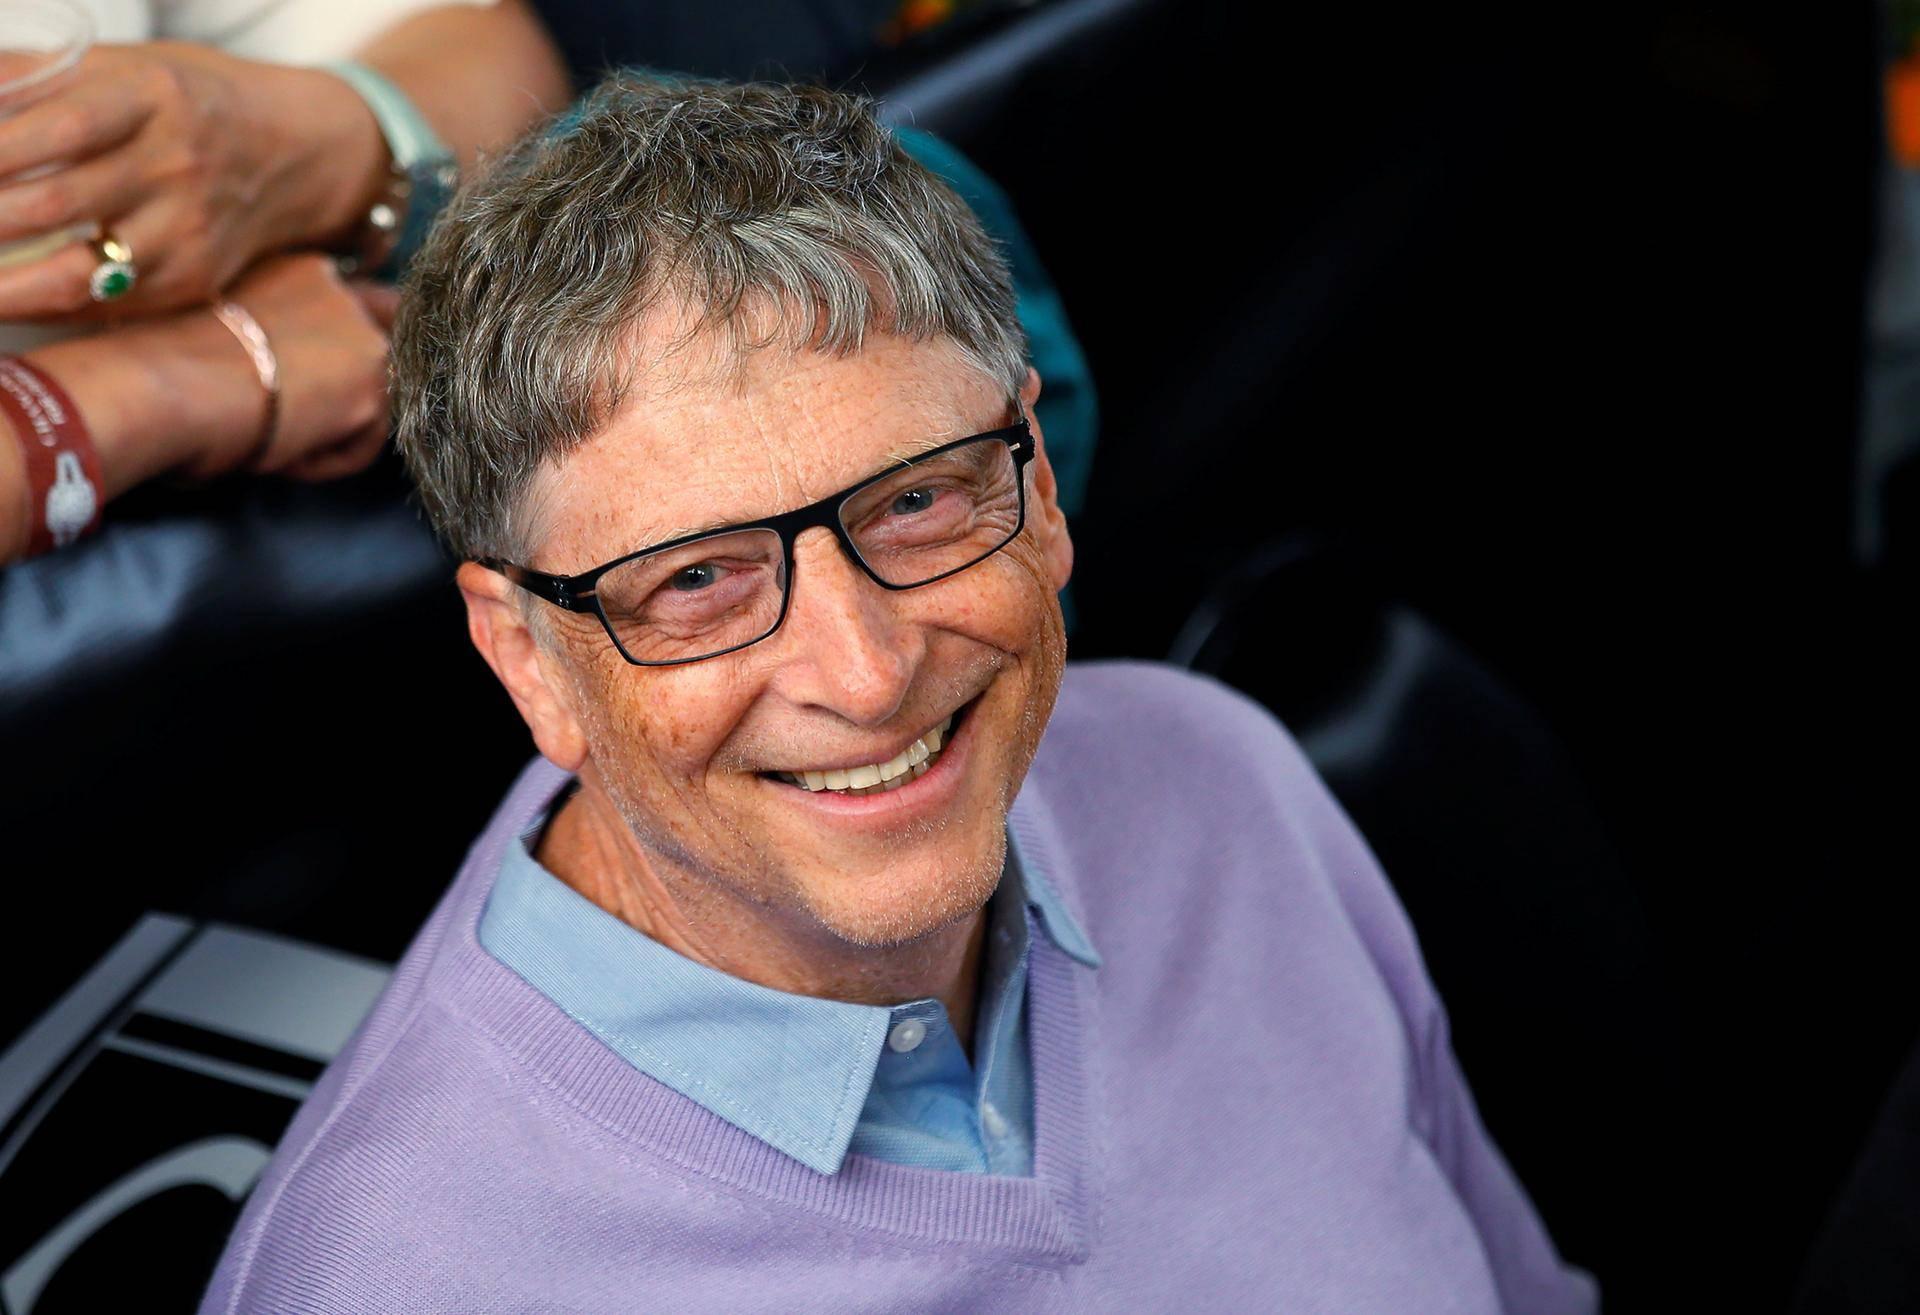 Ispred svog vremena: Gates je ove stvari predvidio još 1999.